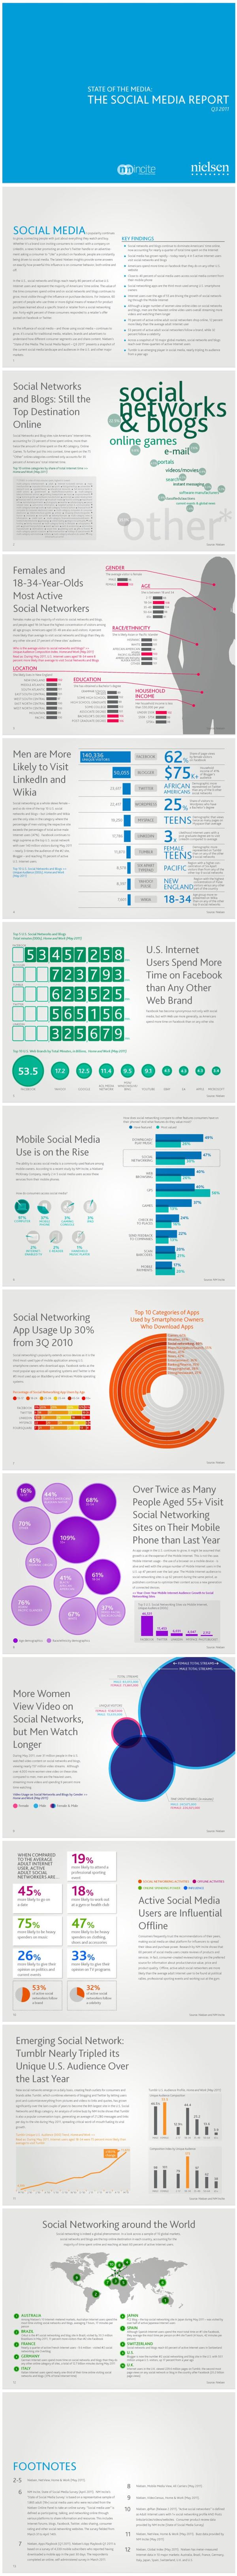 State of Social Media resized 600